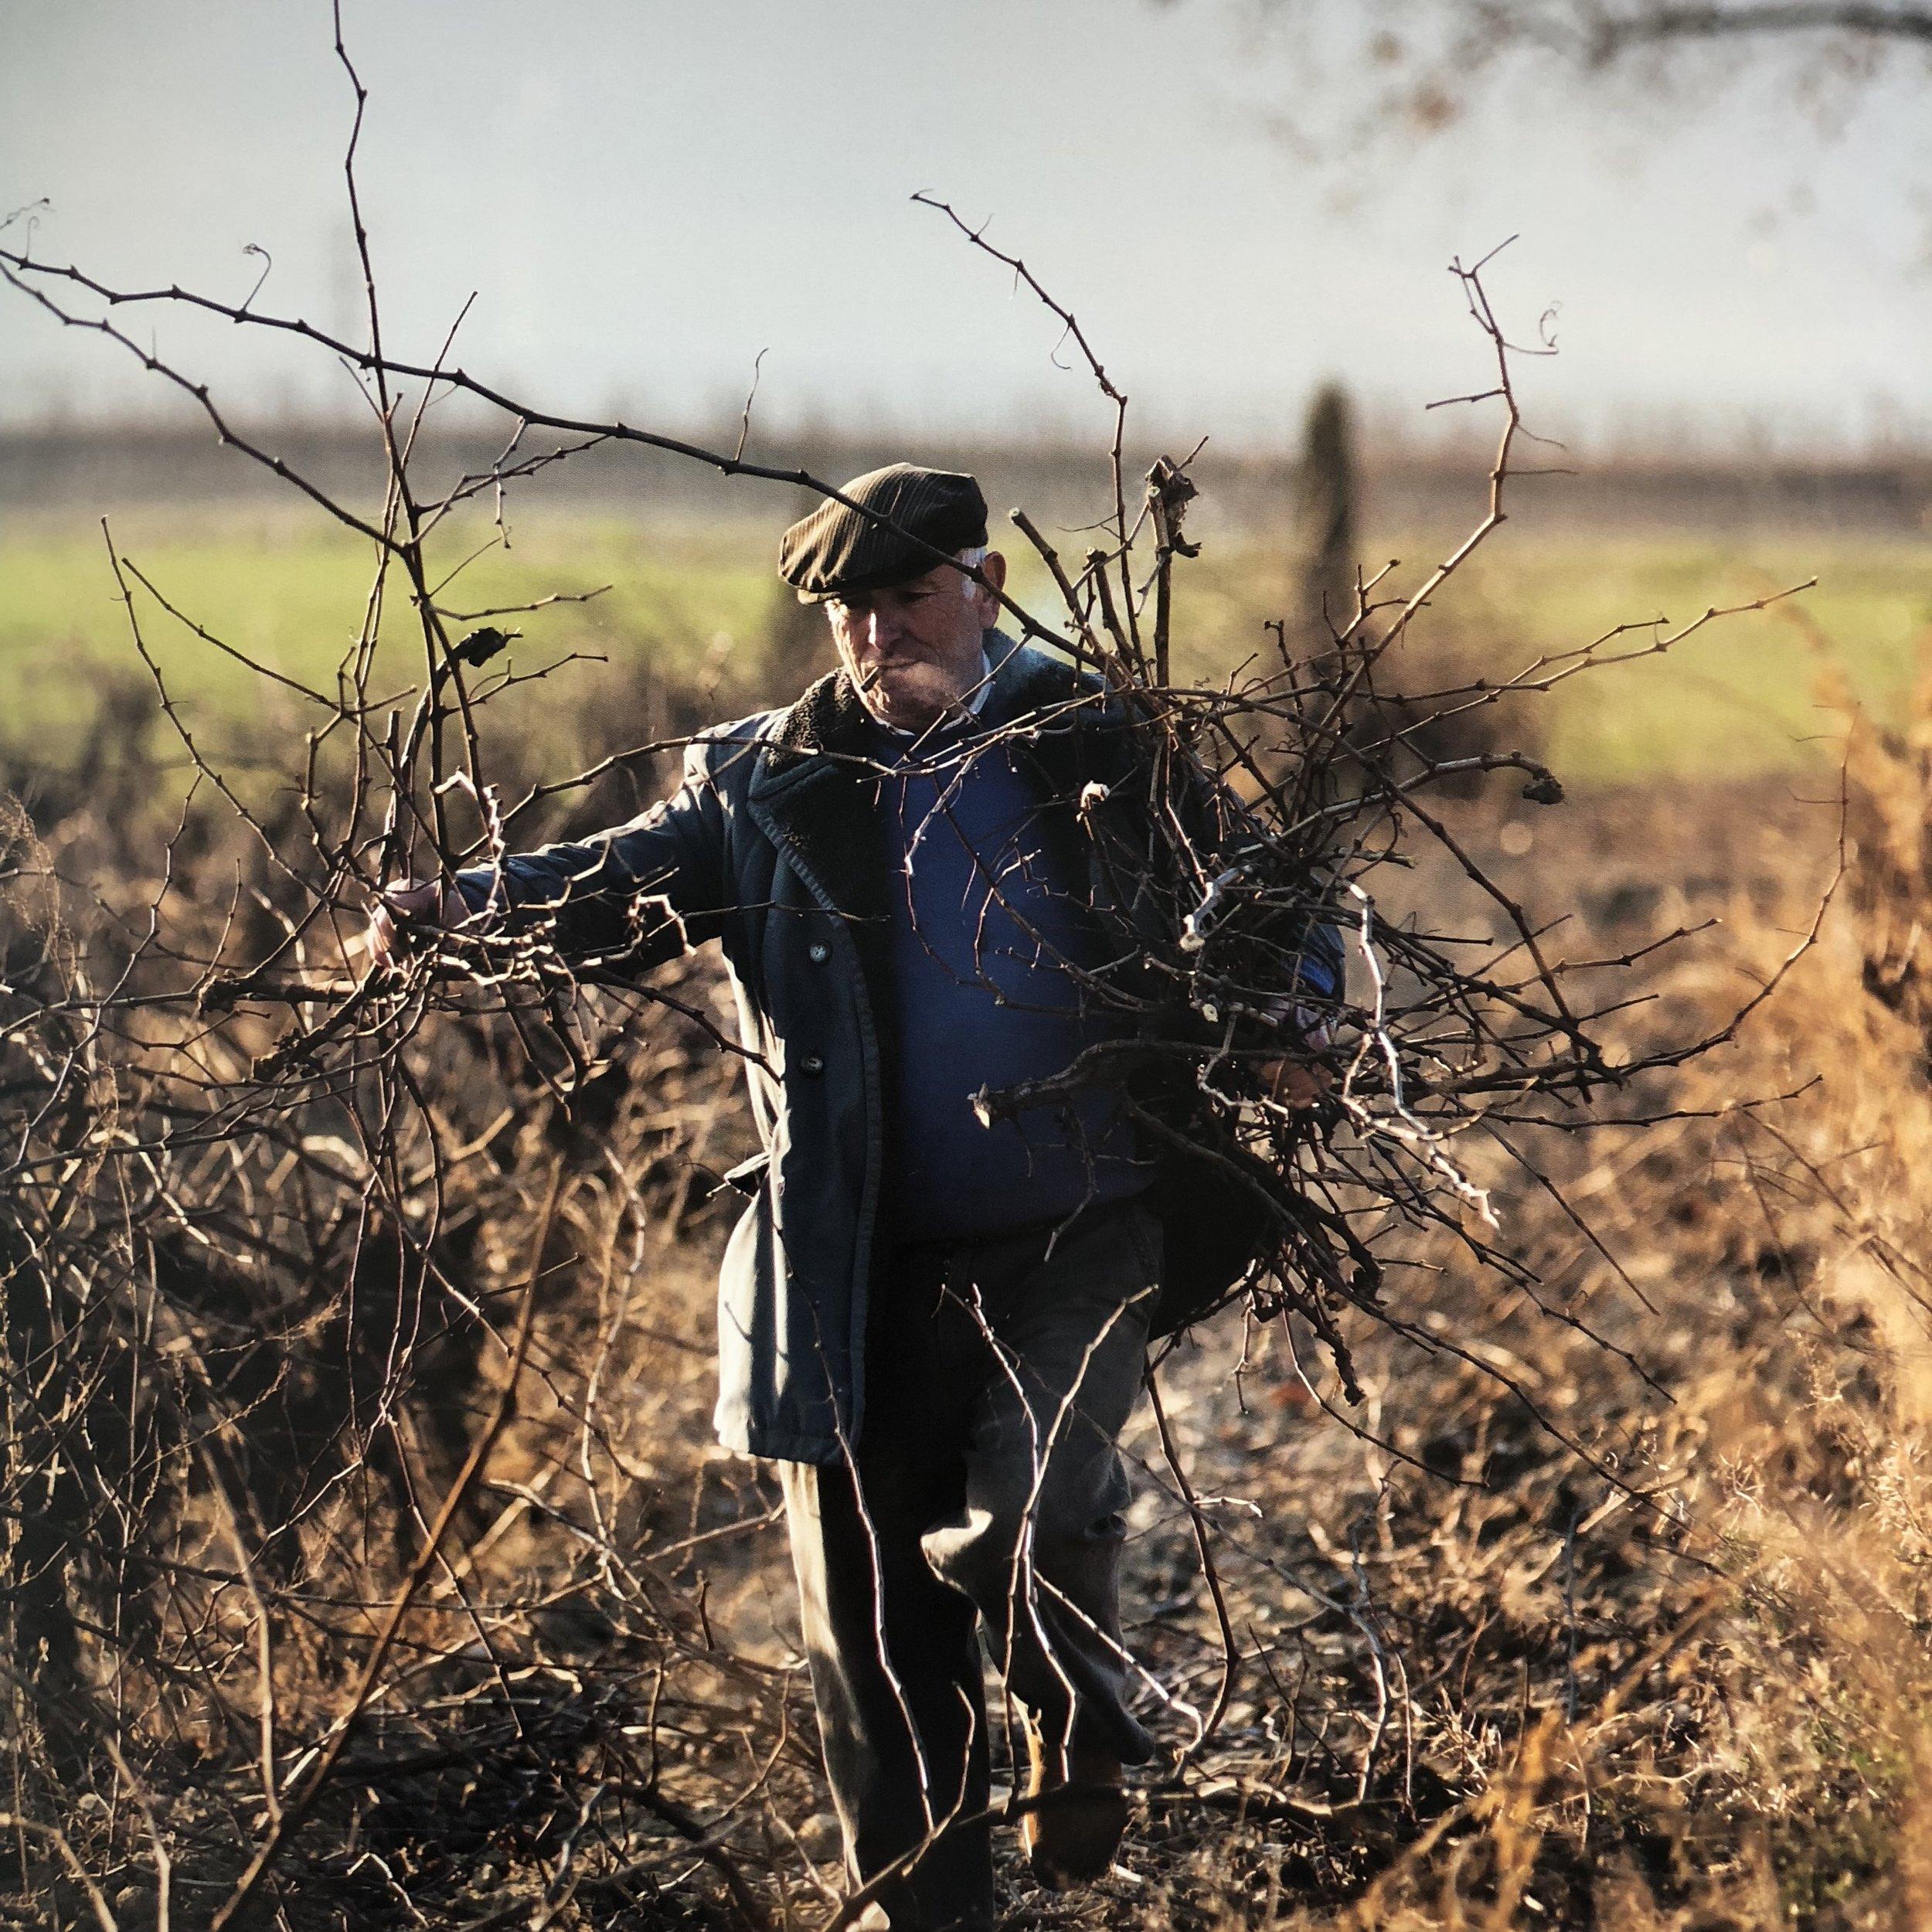 pruning_vines.JPG